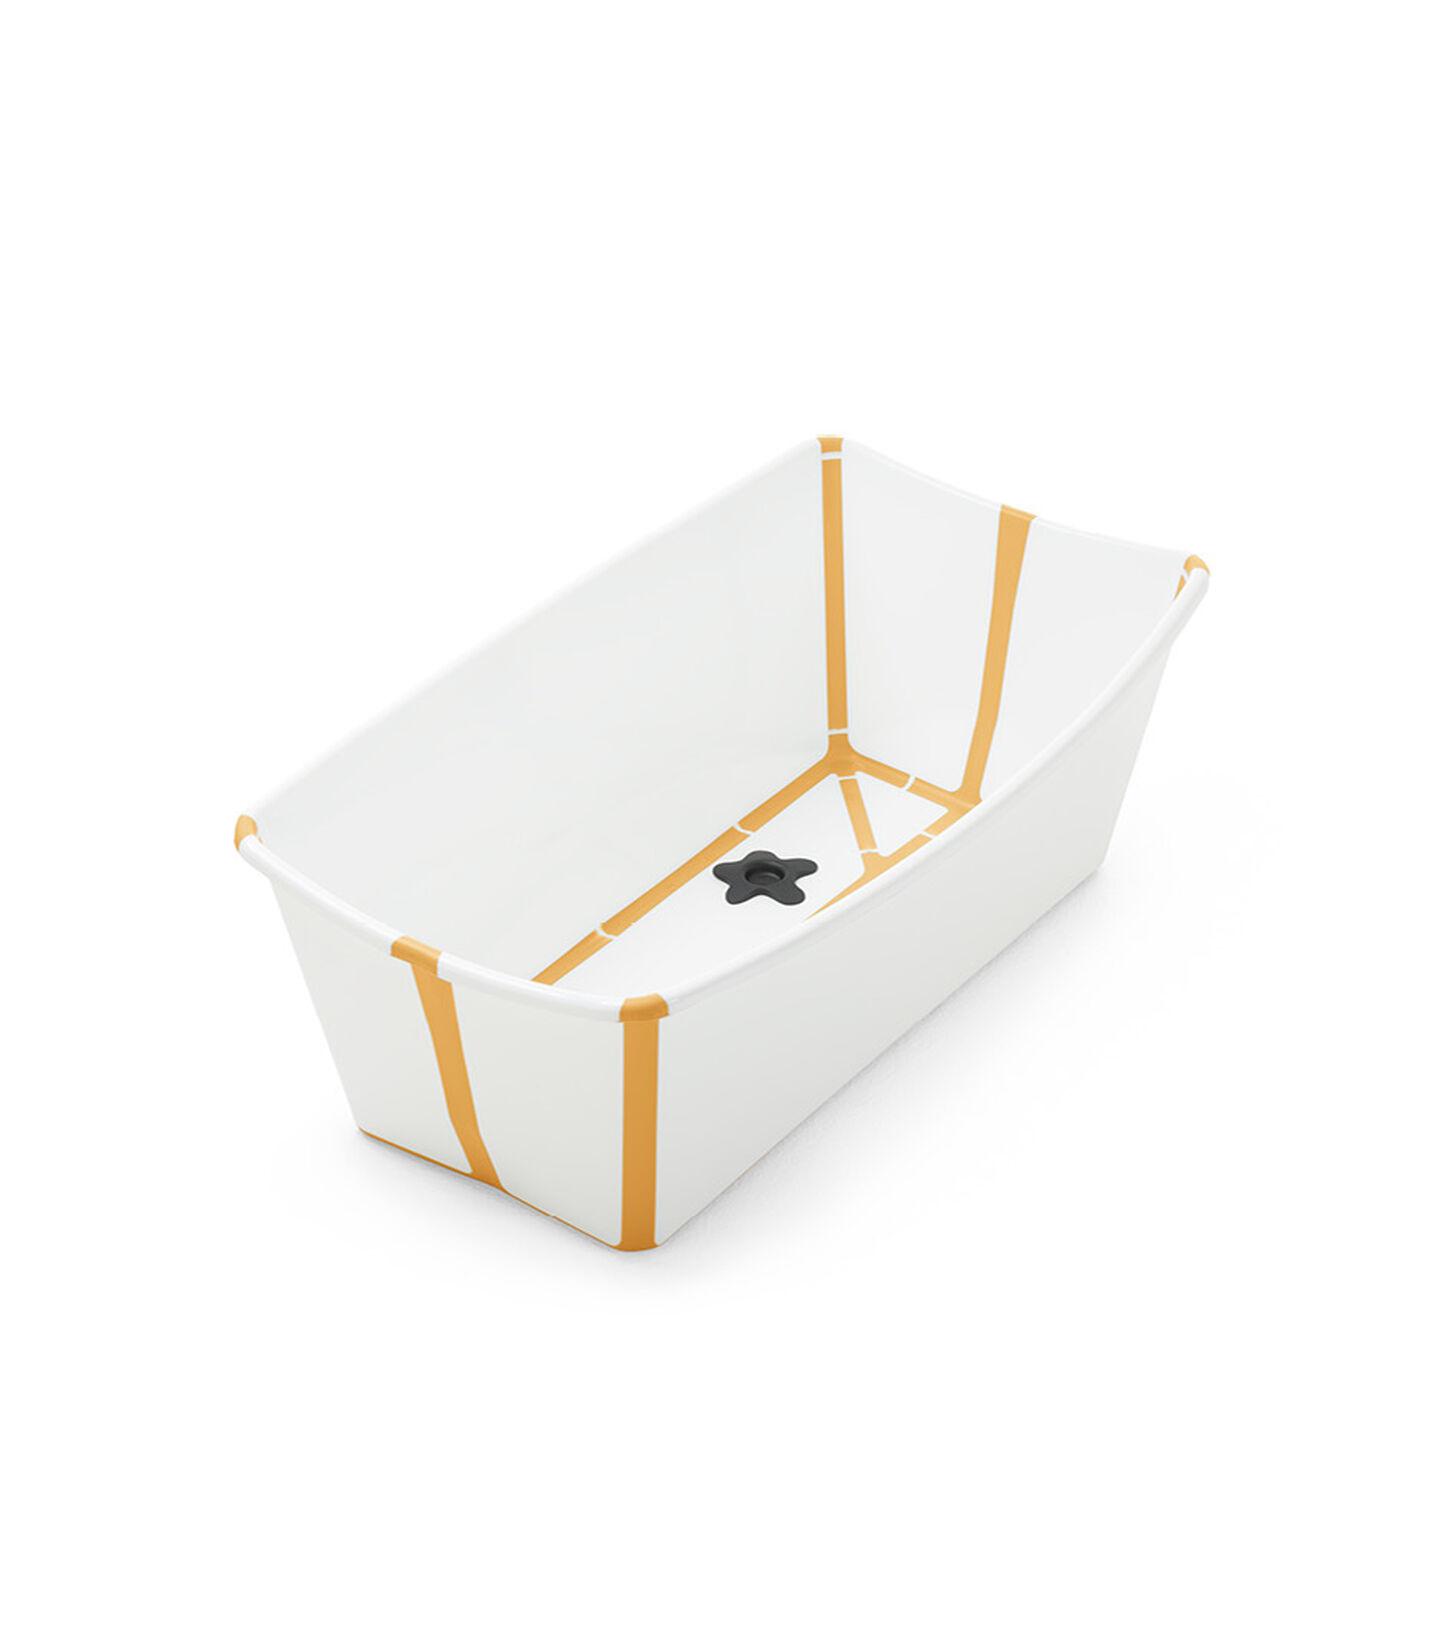 Stokke® Flexi Bath® White Yellow, Bianco Giallo, mainview view 1